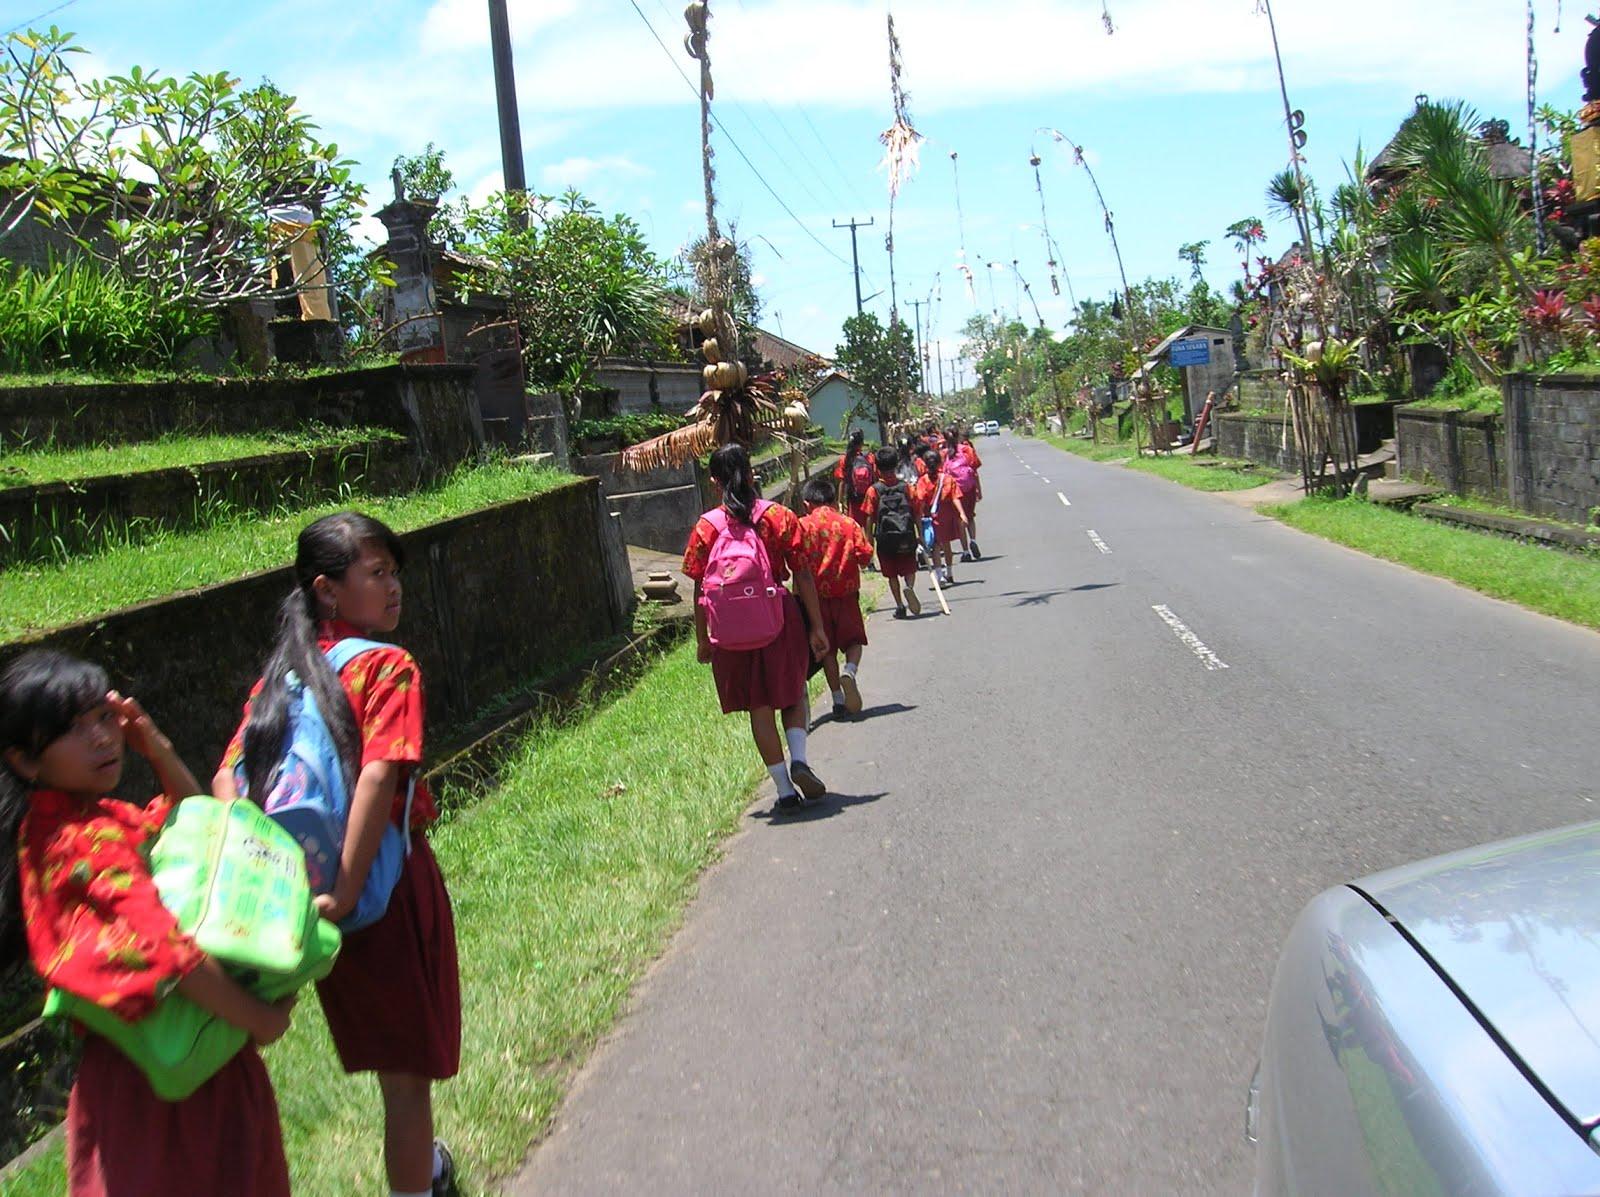 escolares, Bali, vuelta al mundo, round the world, La vuelta al mundo de Asun y Ricardo